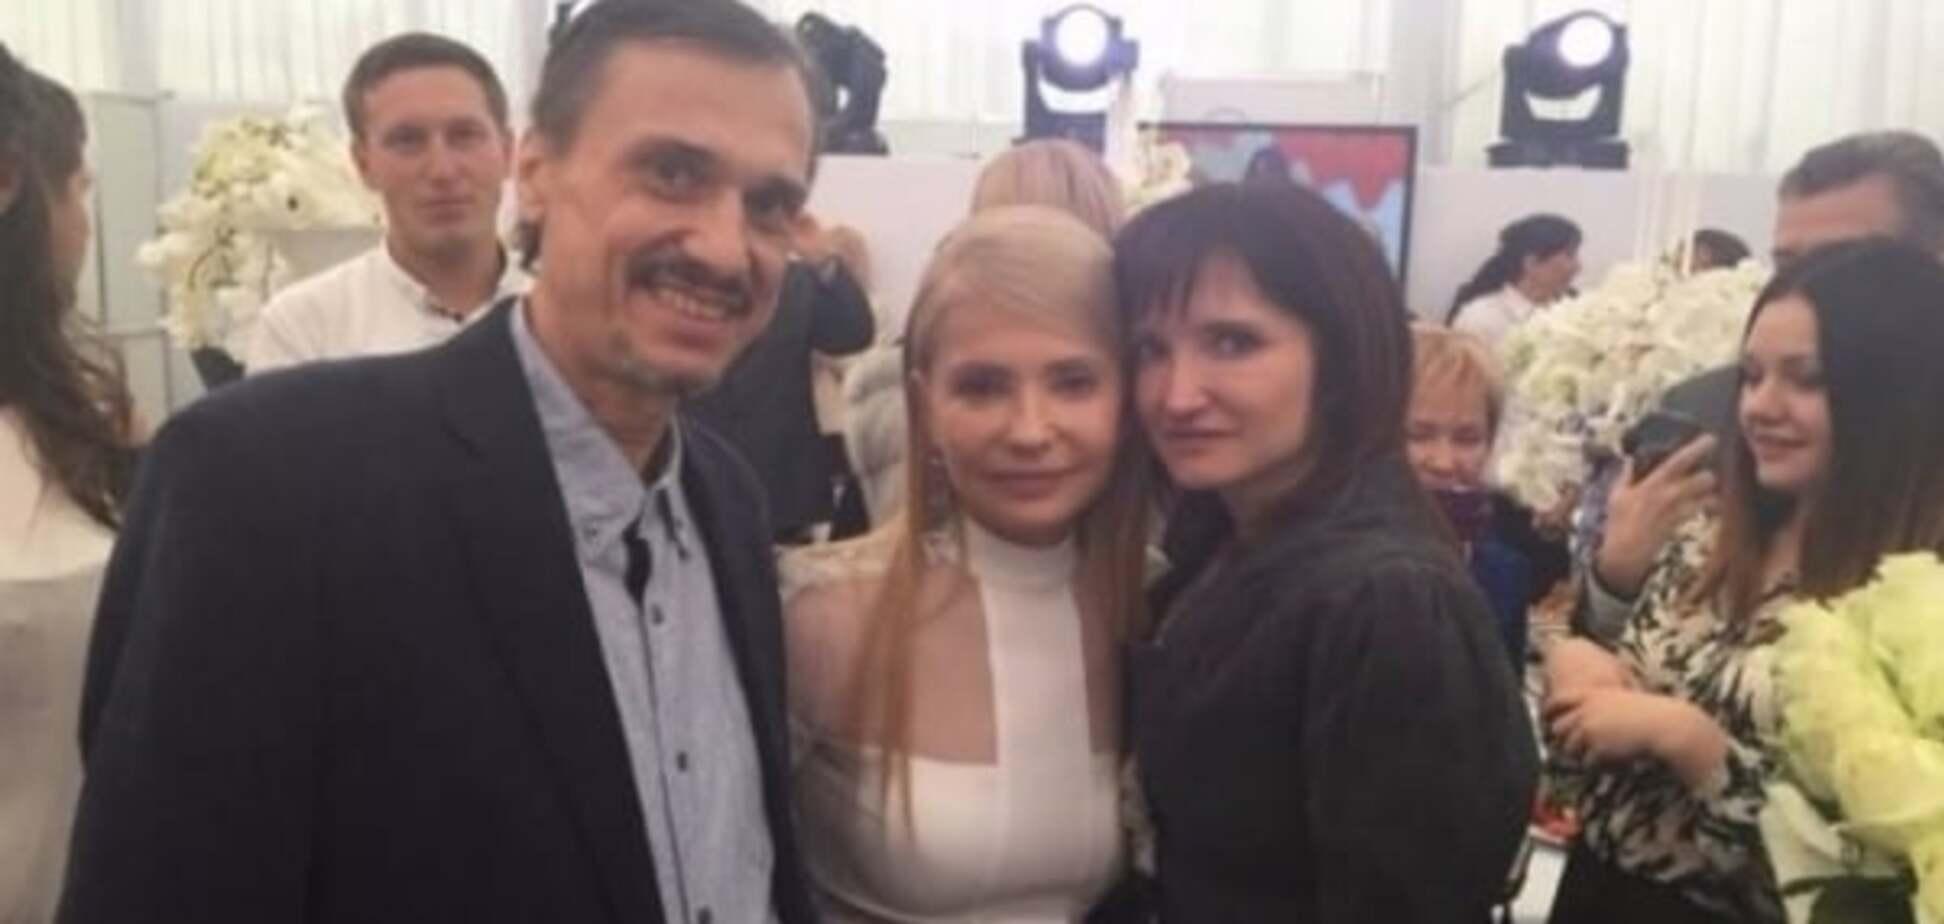 Погуляла: Тимошенко отпраздновала юбилей за 300 тысяч